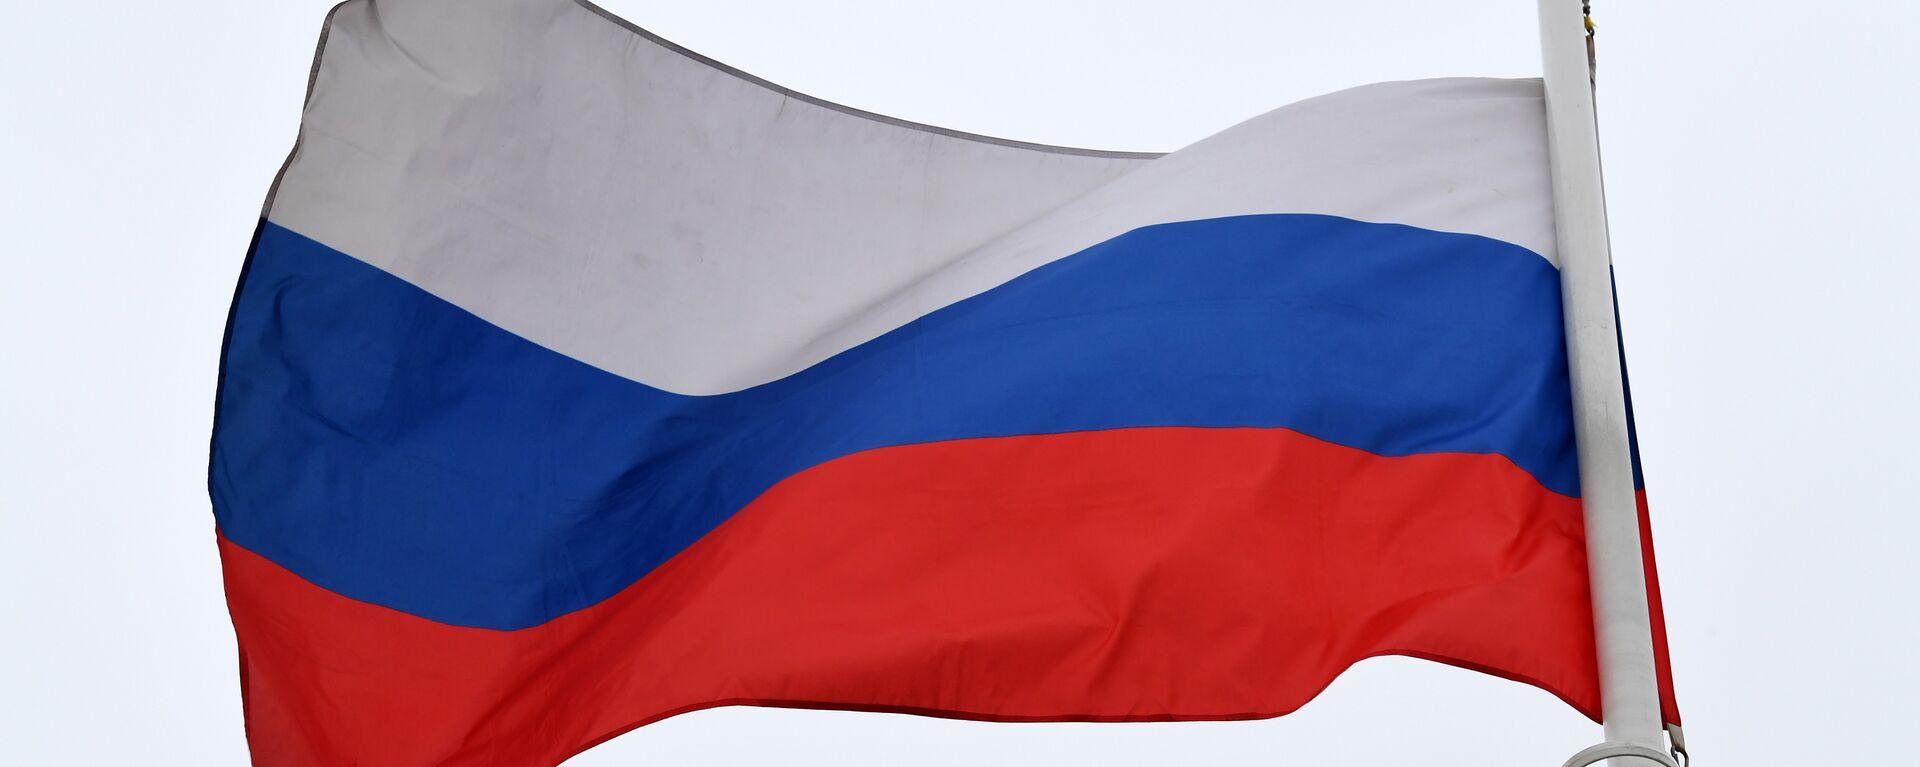 Η ρωσική σημαία - Sputnik Ελλάδα, 1920, 26.07.2021